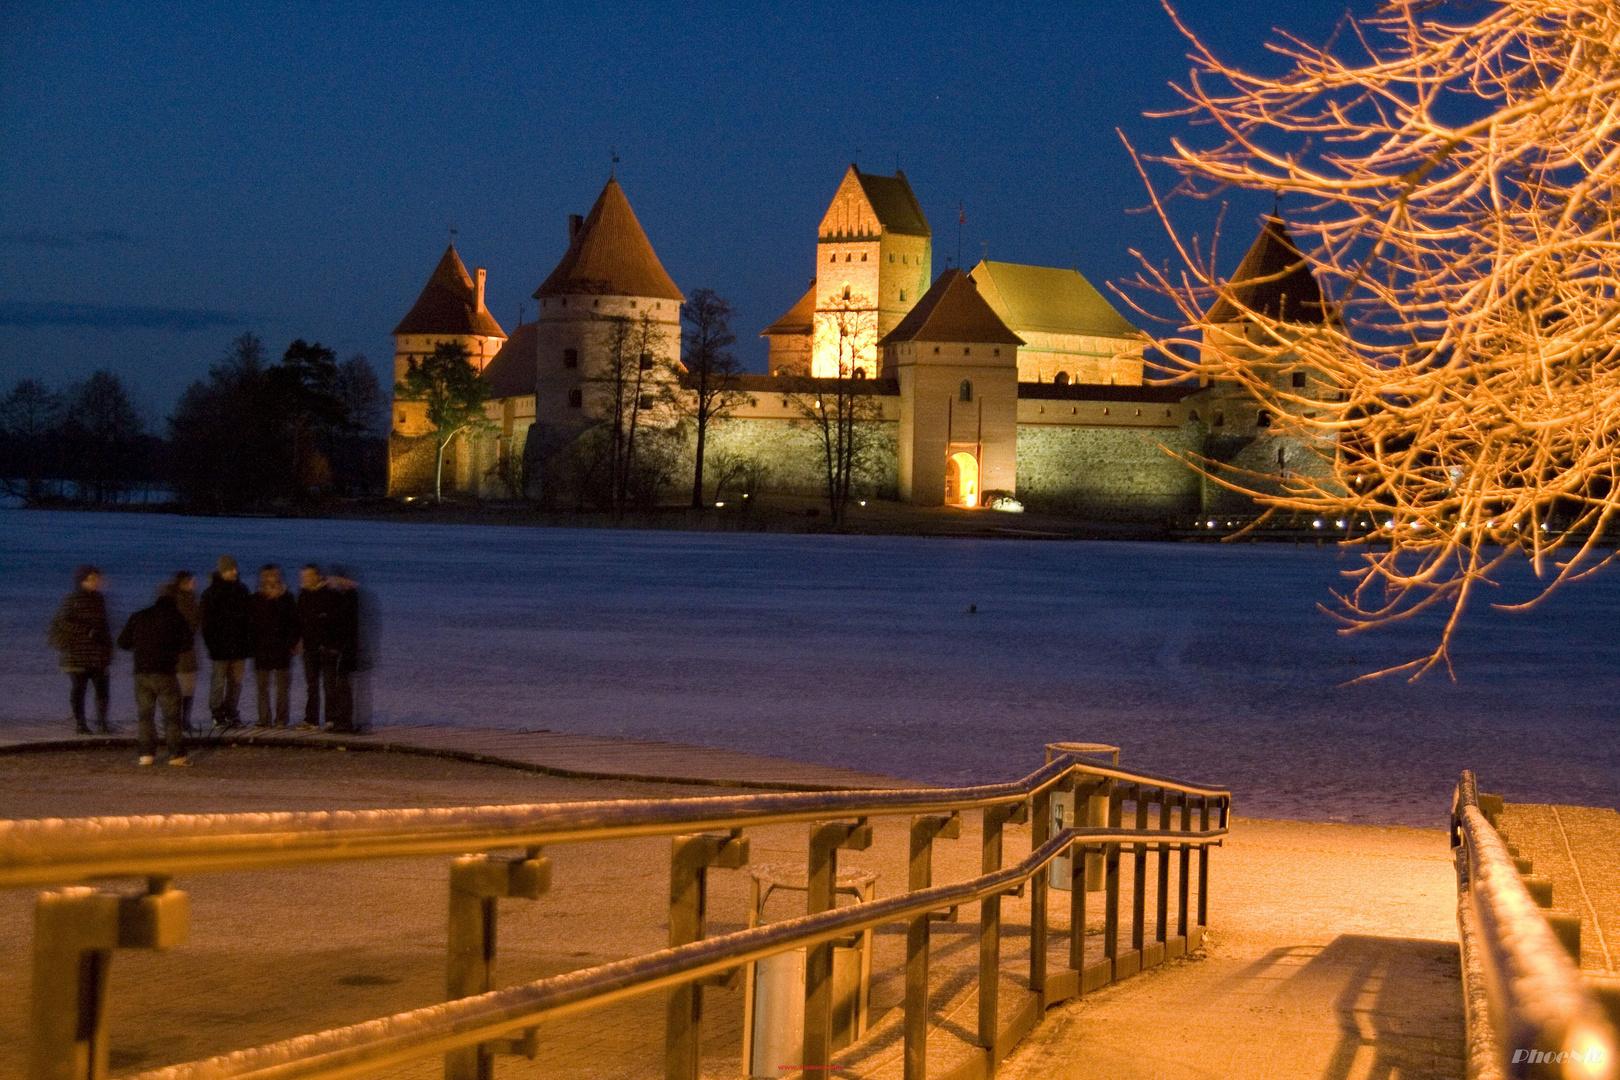 eine Burg im Eis